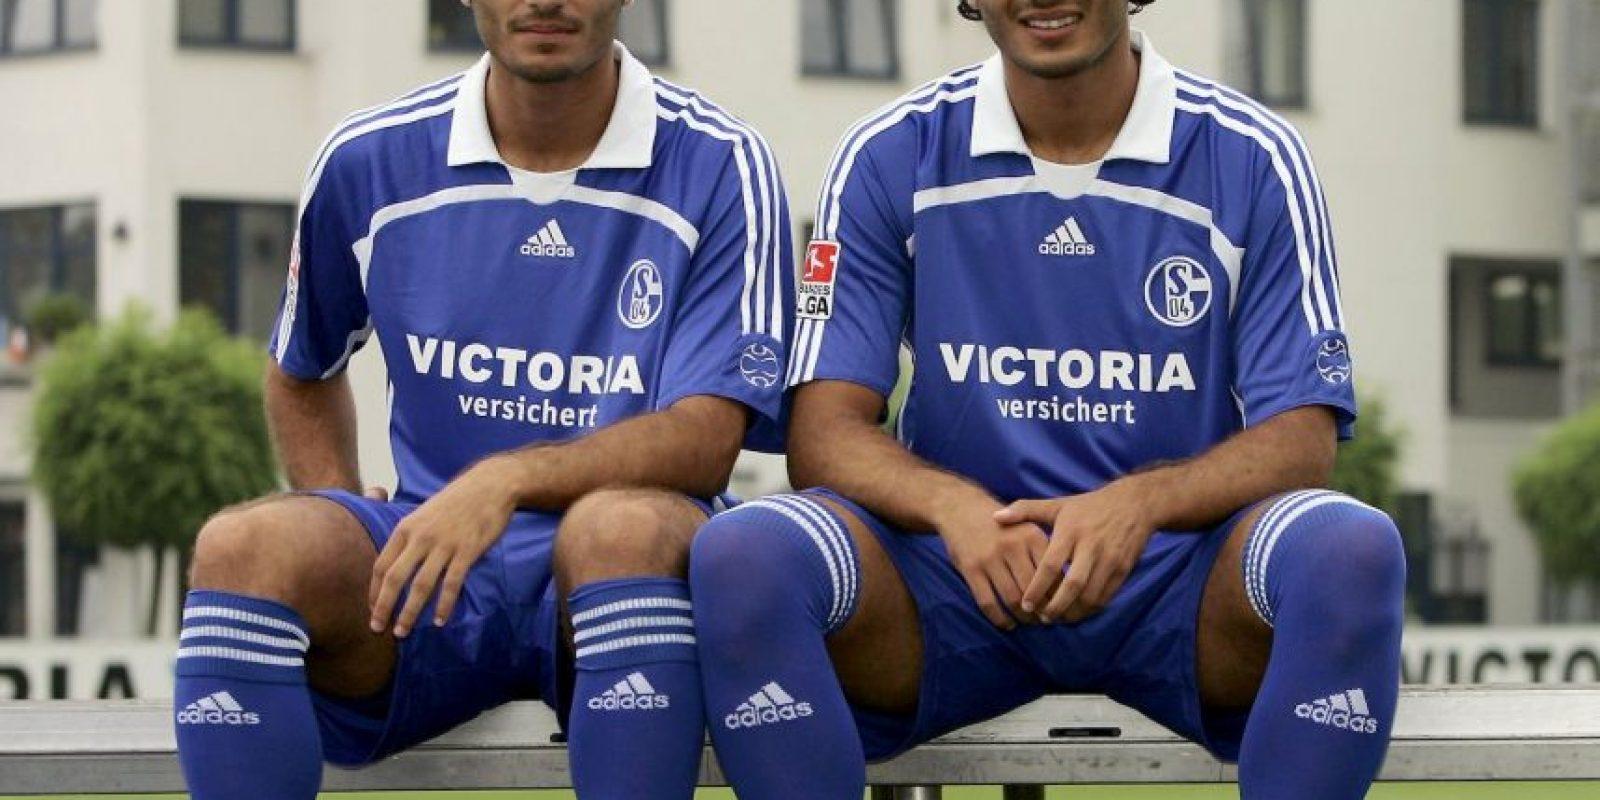 Hamit y Halil Altintop: Los turcos fueron compañeros en el Schalke 04 y ahí cada uno tomó su rumbo. Hamit llegó a jugar en Bayern Munich y Real Madrid, donde ganó gran cantidad de títulos, y actualmente está en Galatasaray. Su hermano, en tanto, milita en el FC Augsburg. Foto:Getty Images